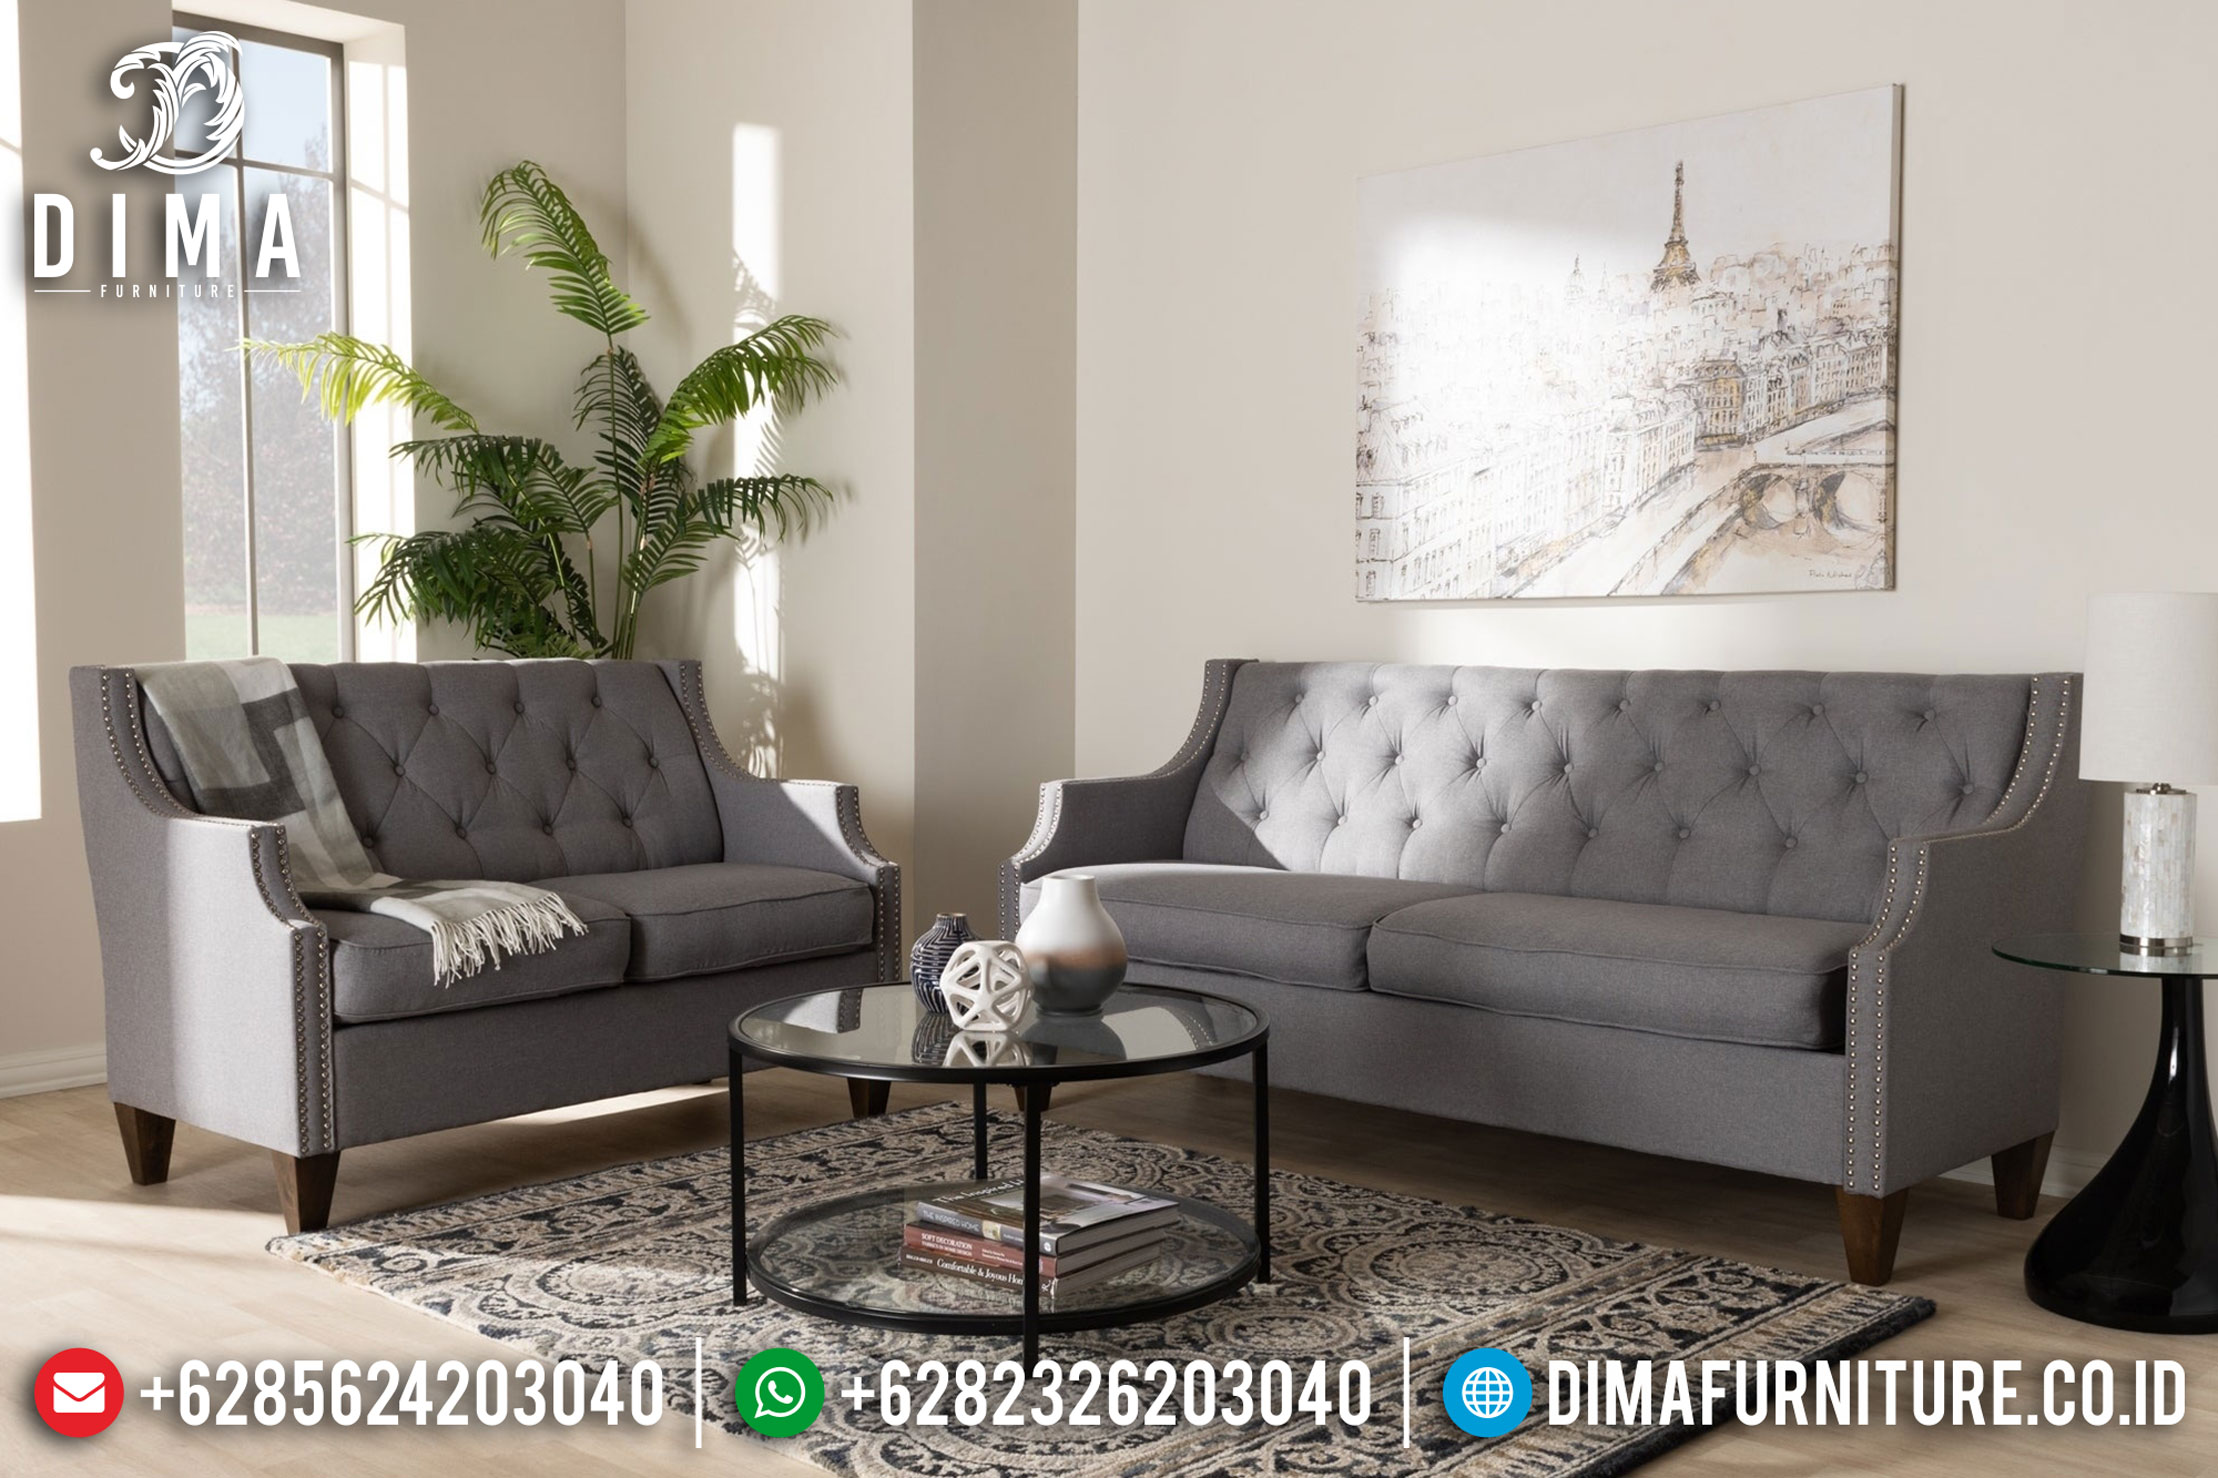 Jual 1 Set Sofa Tamu Minimalis Jepara Mewah Terbaruentury Fabric MMJ-0030